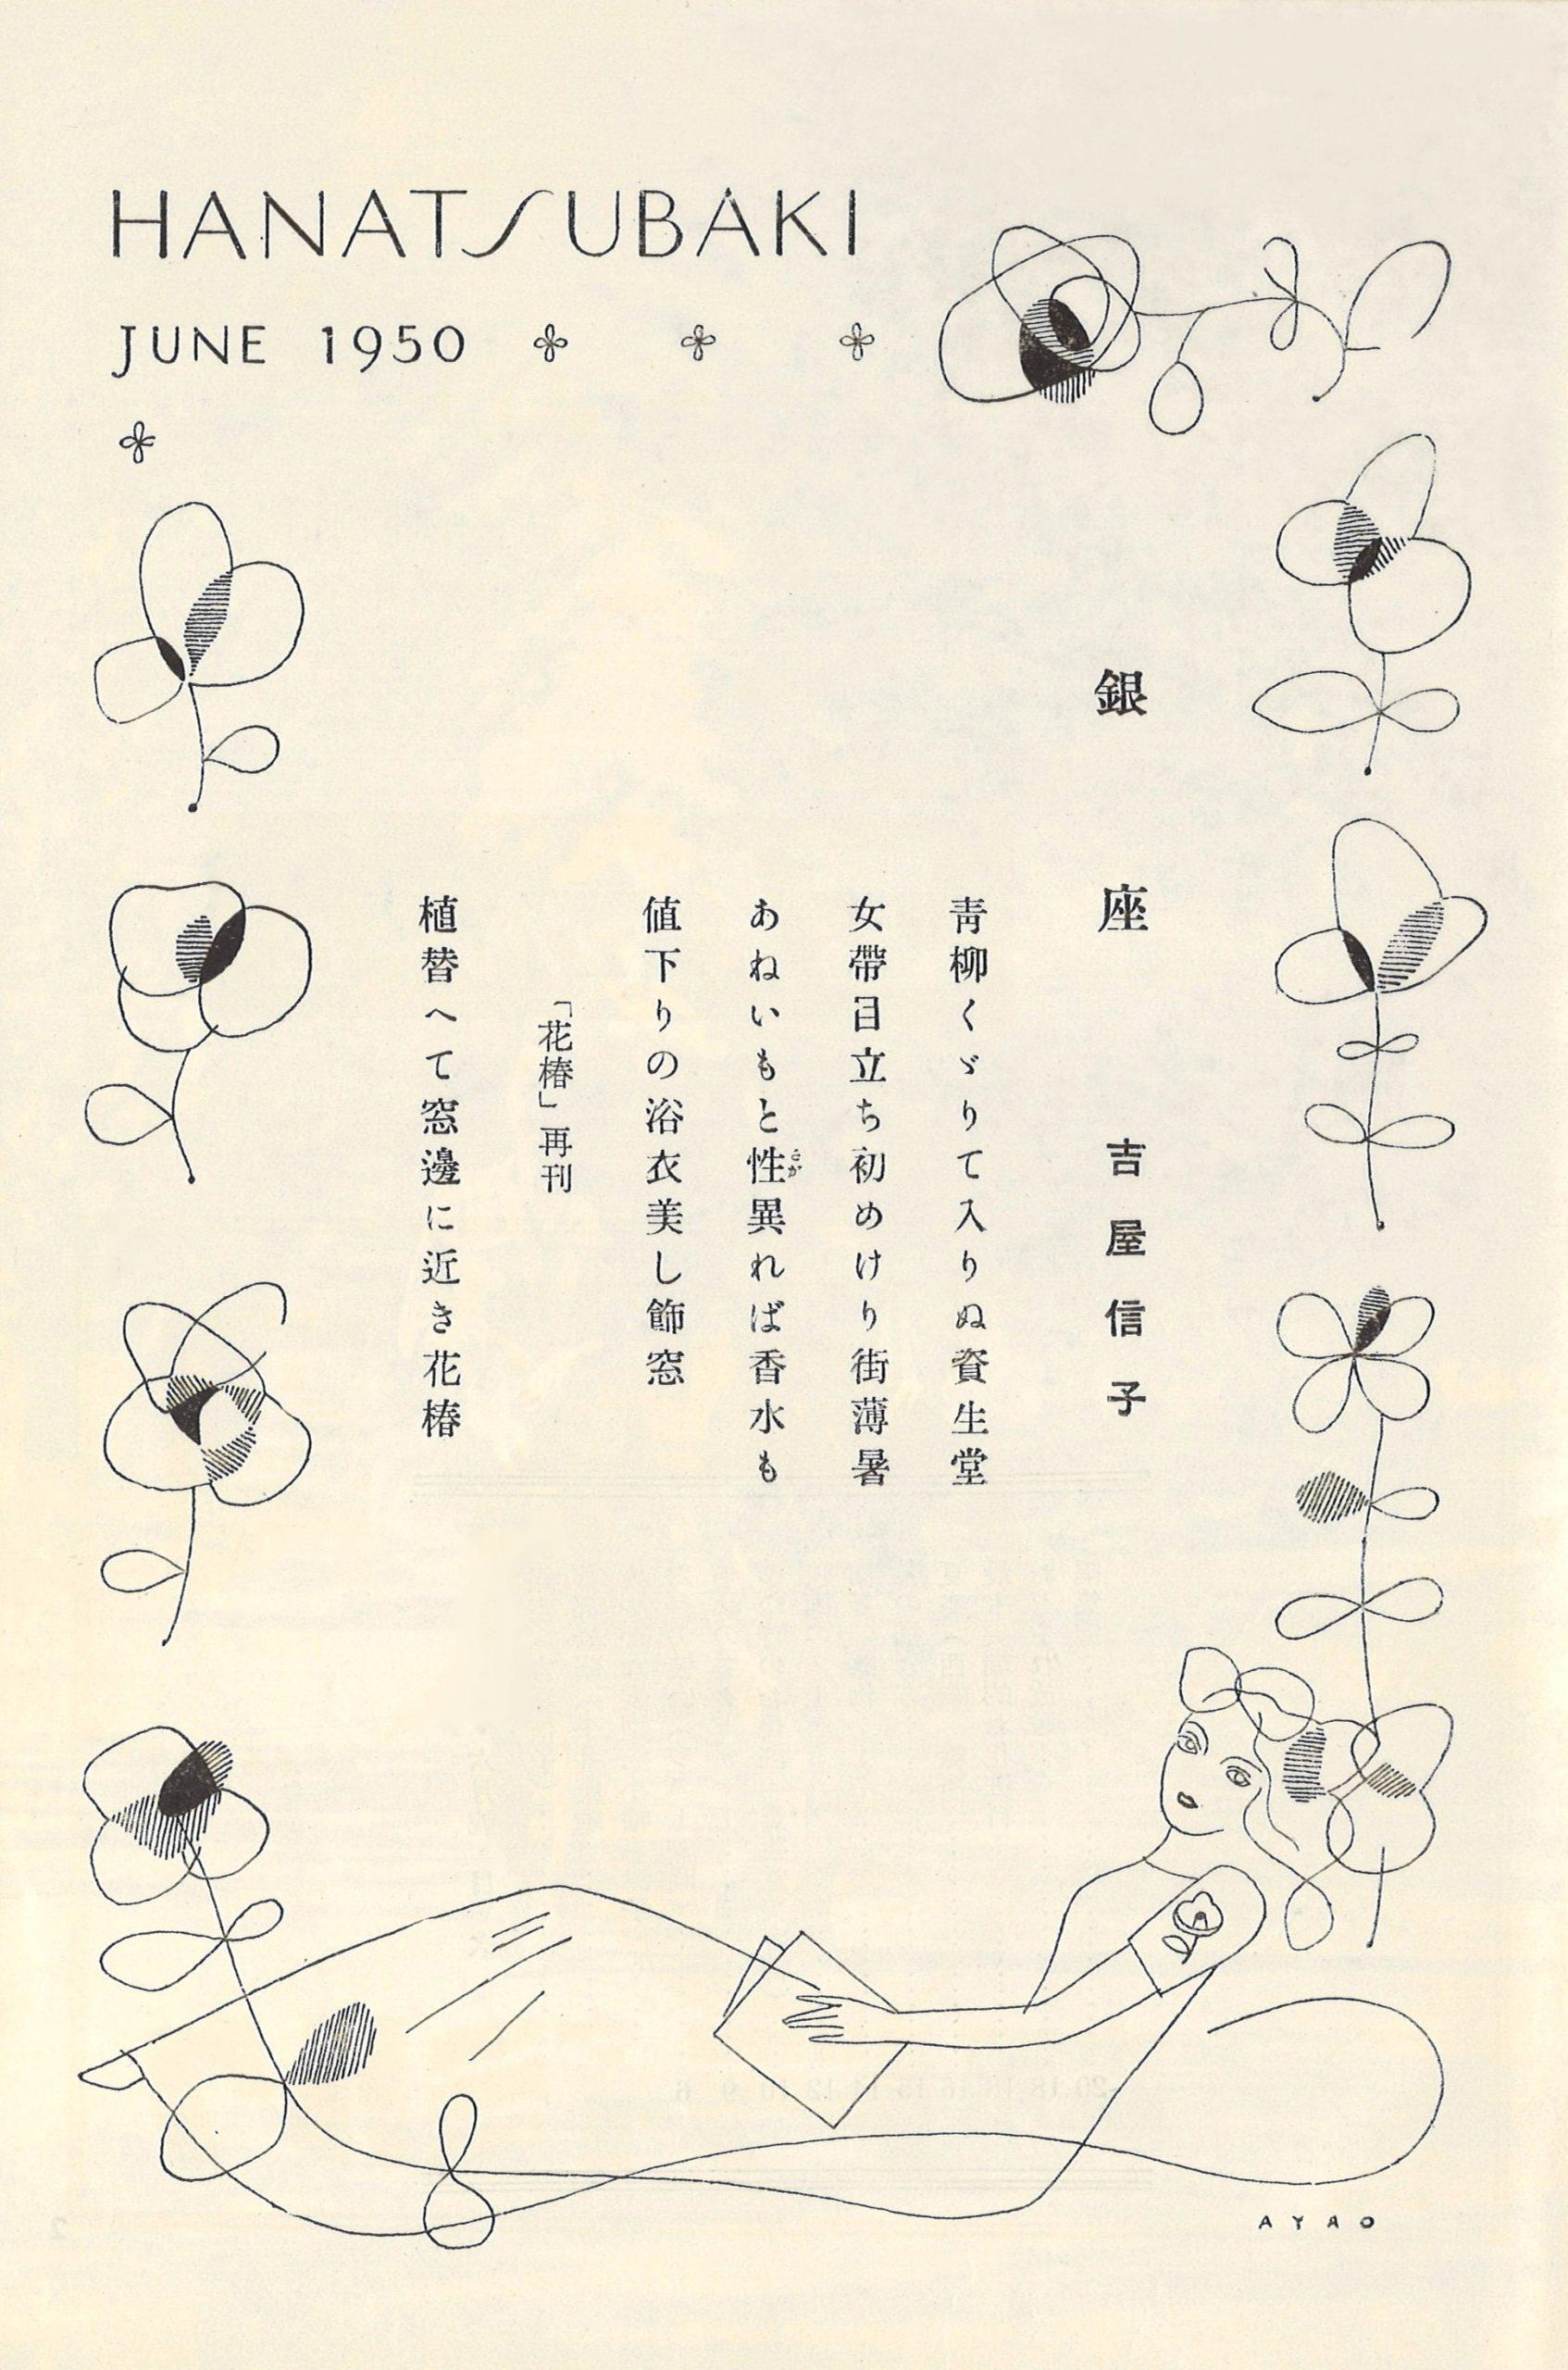 詩のレッスン#2】「今月の詩」応募締切迫る!『花椿』と詩の深い関係 ...